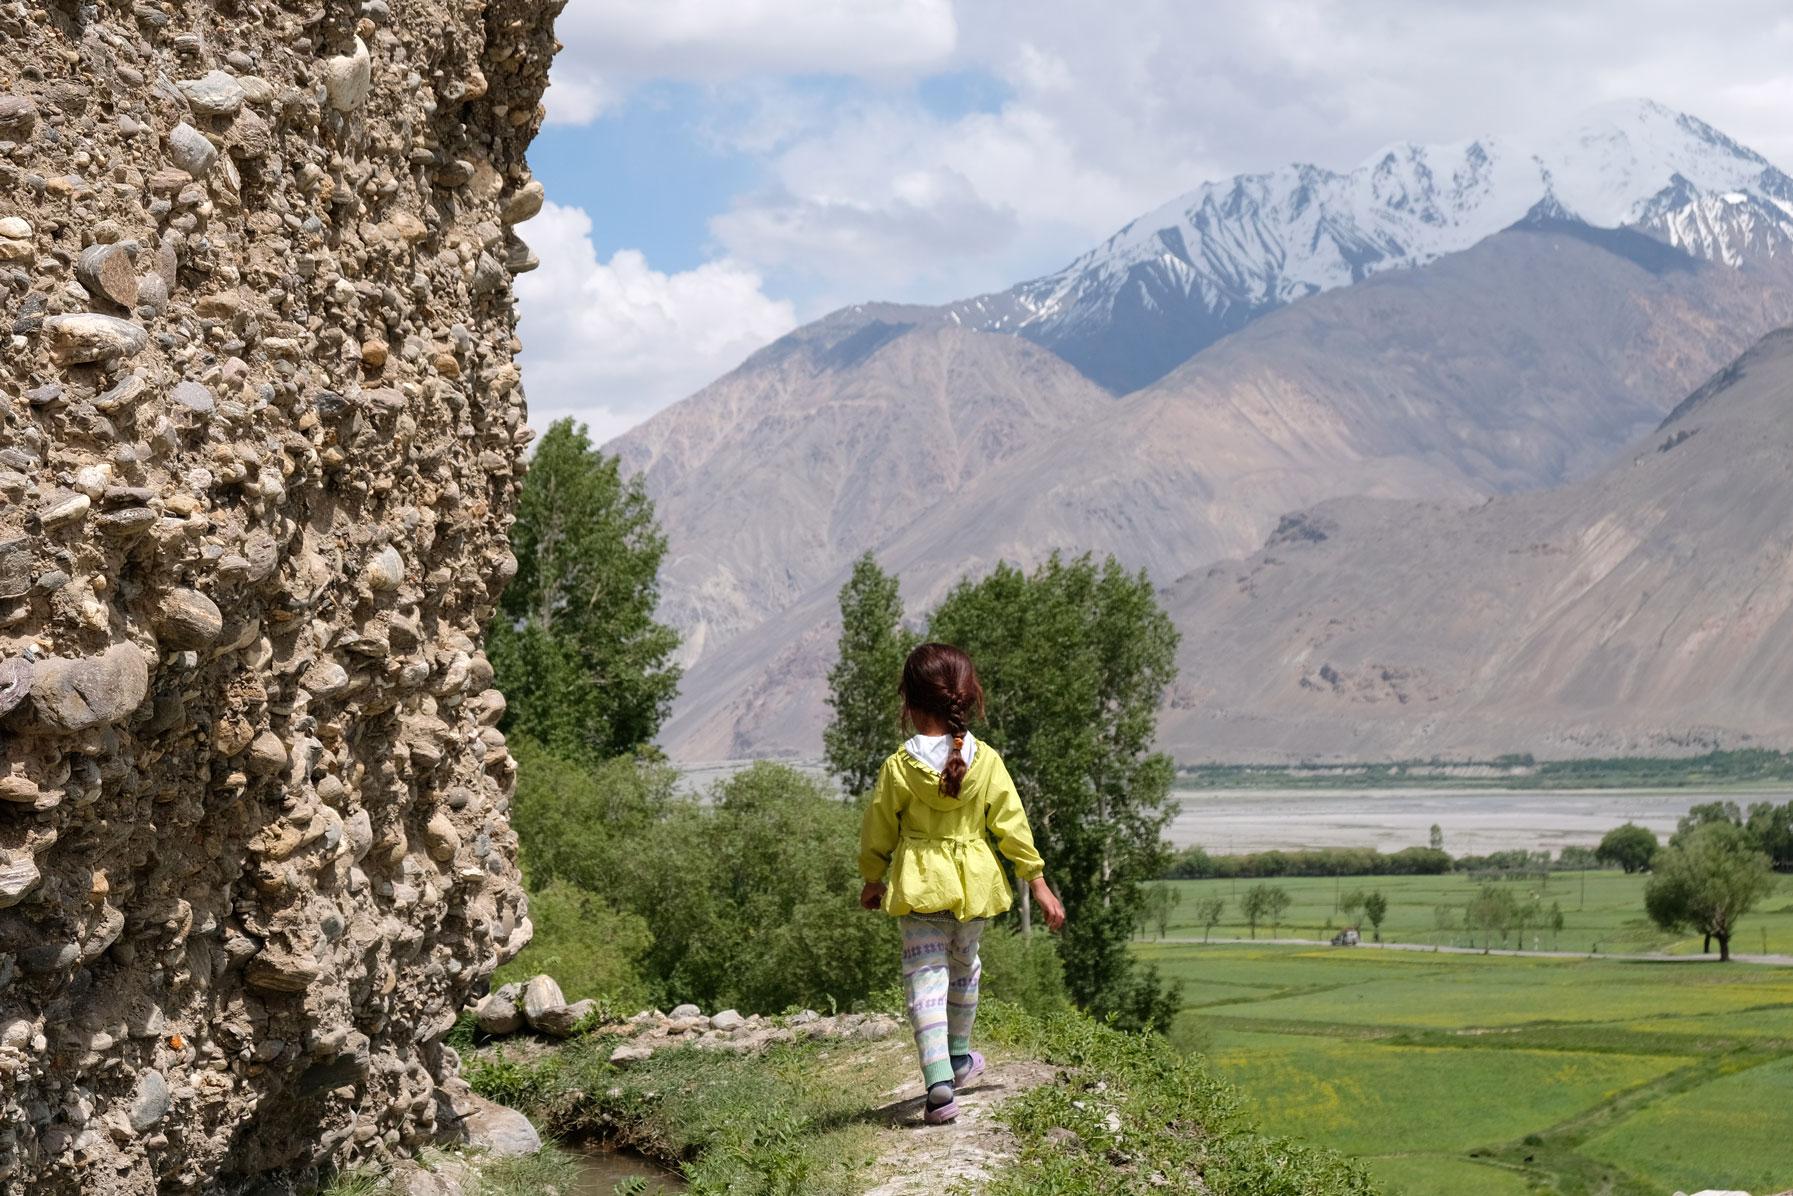 Ein Mädchen geht auf einem Pfad entlang einer Steinmauer.